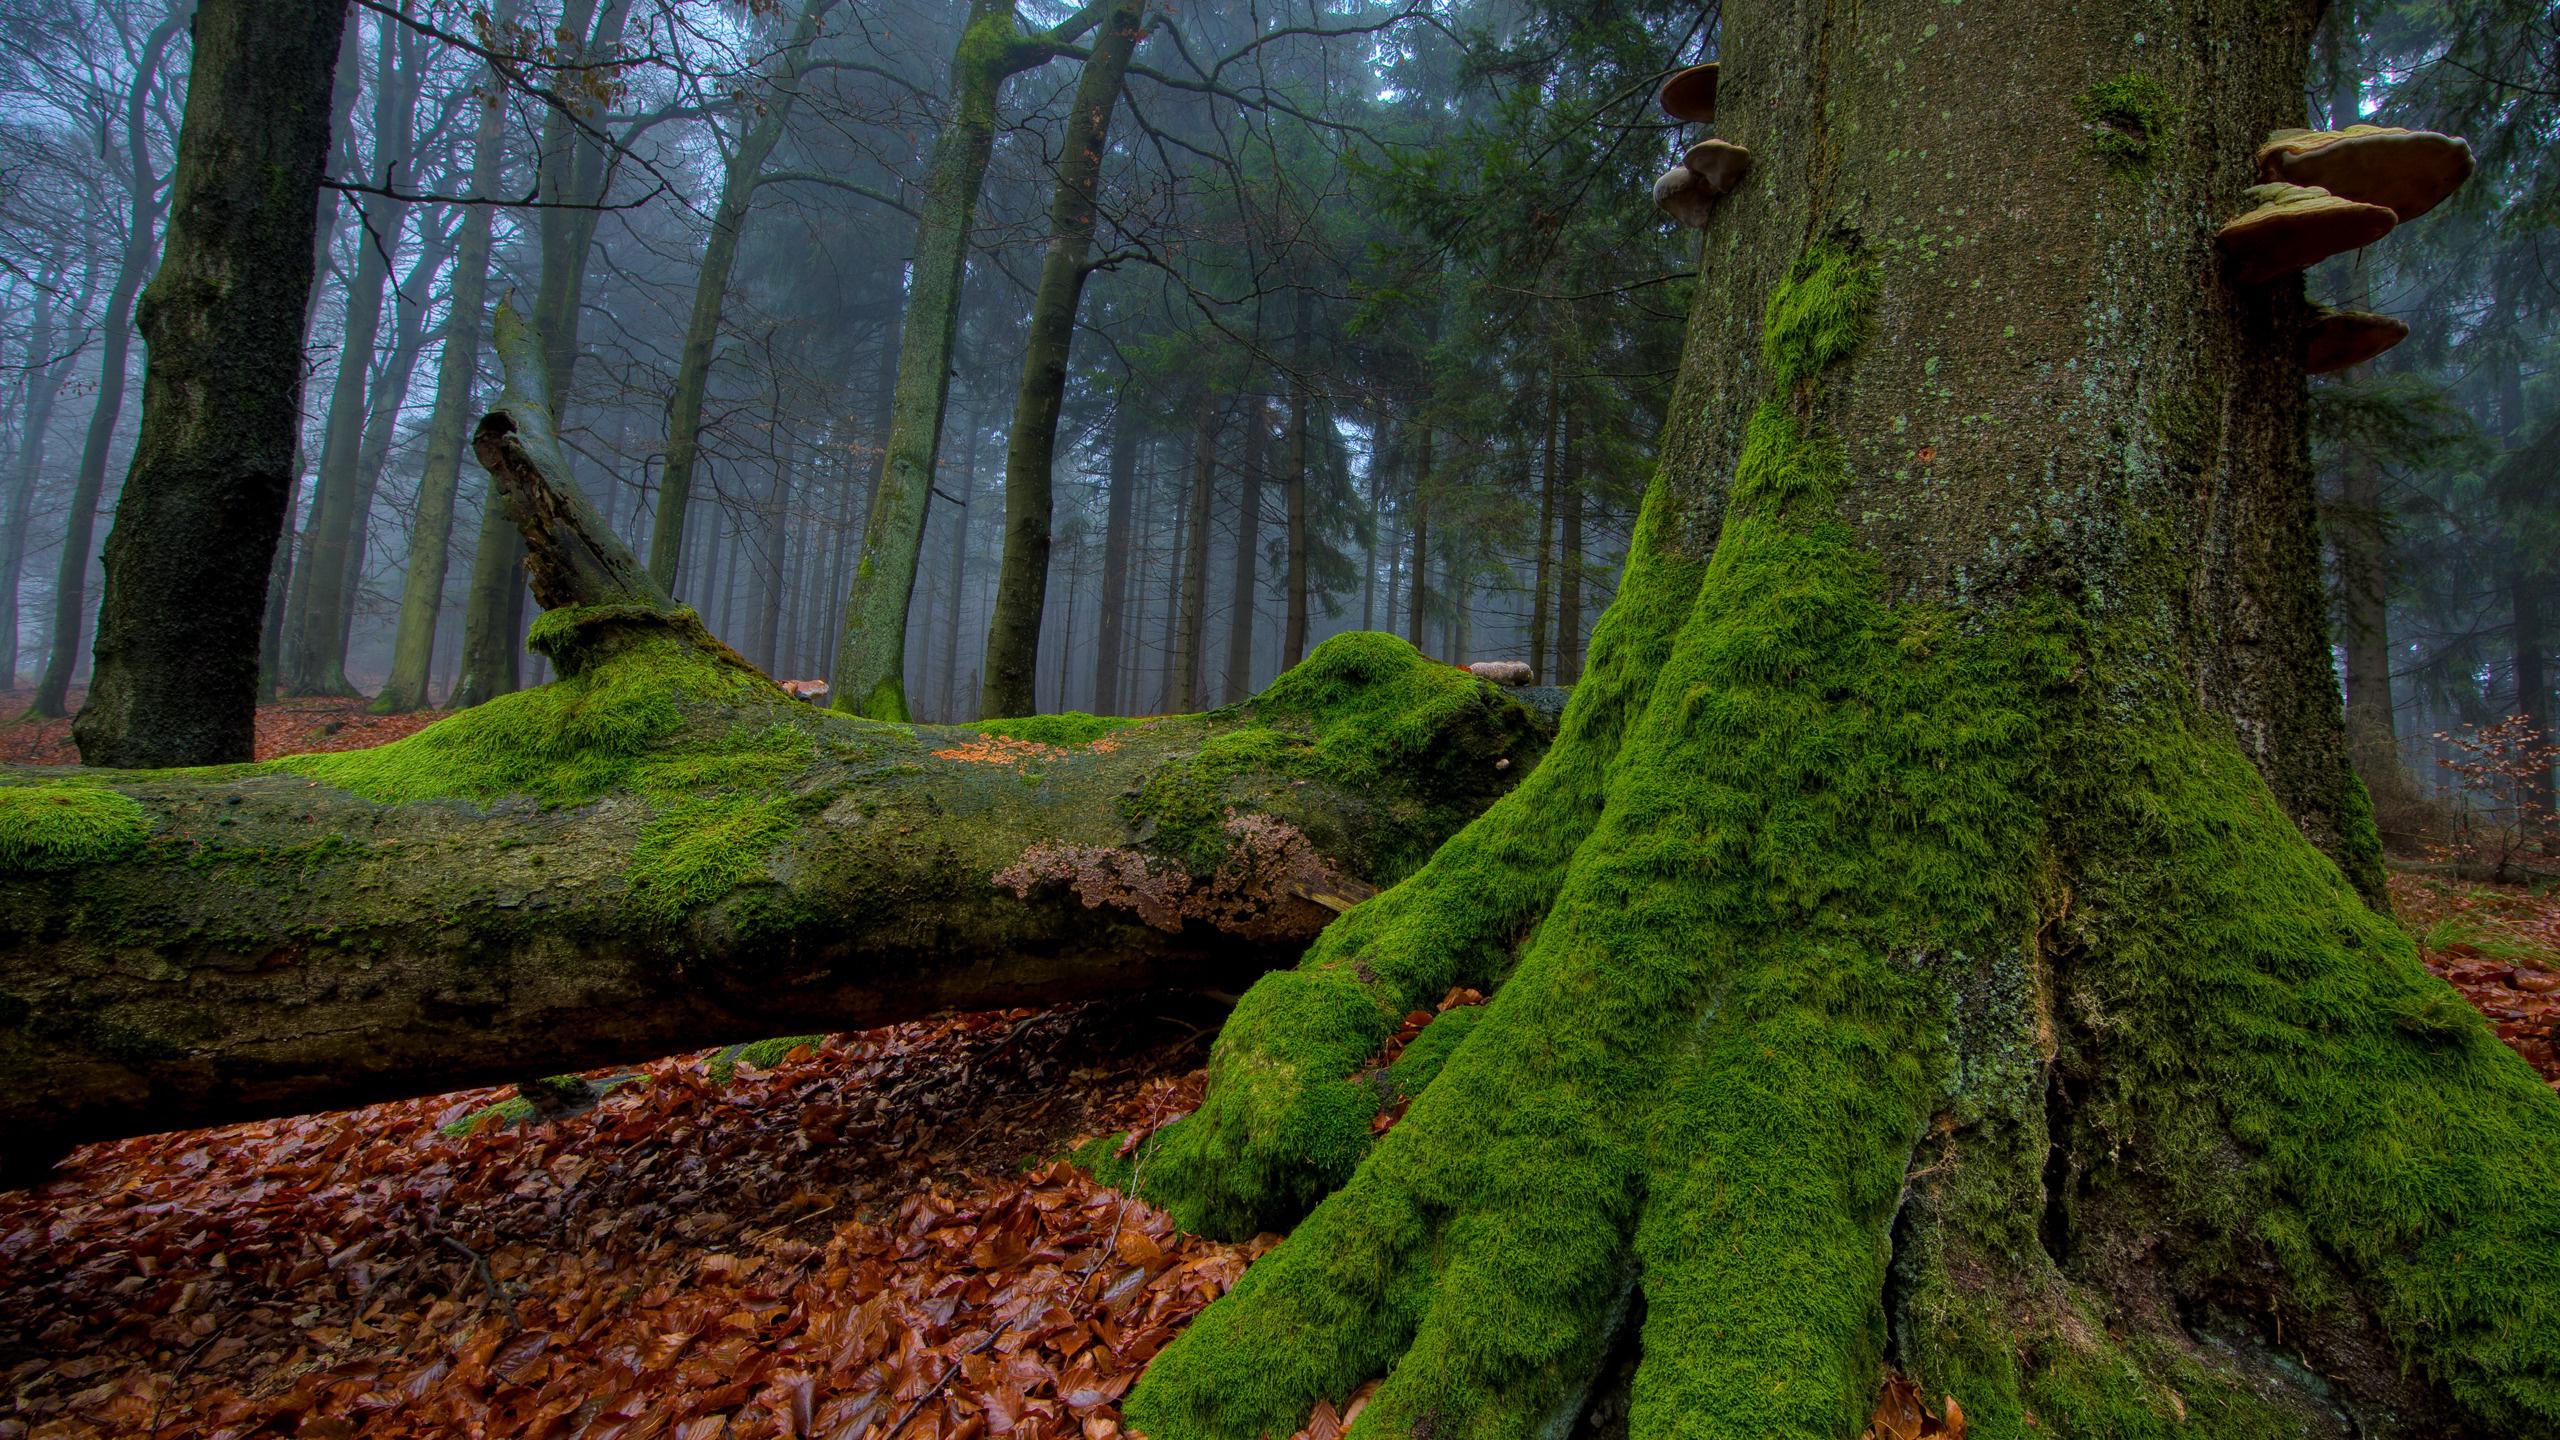 природа мох лестница трава деревья загрузить